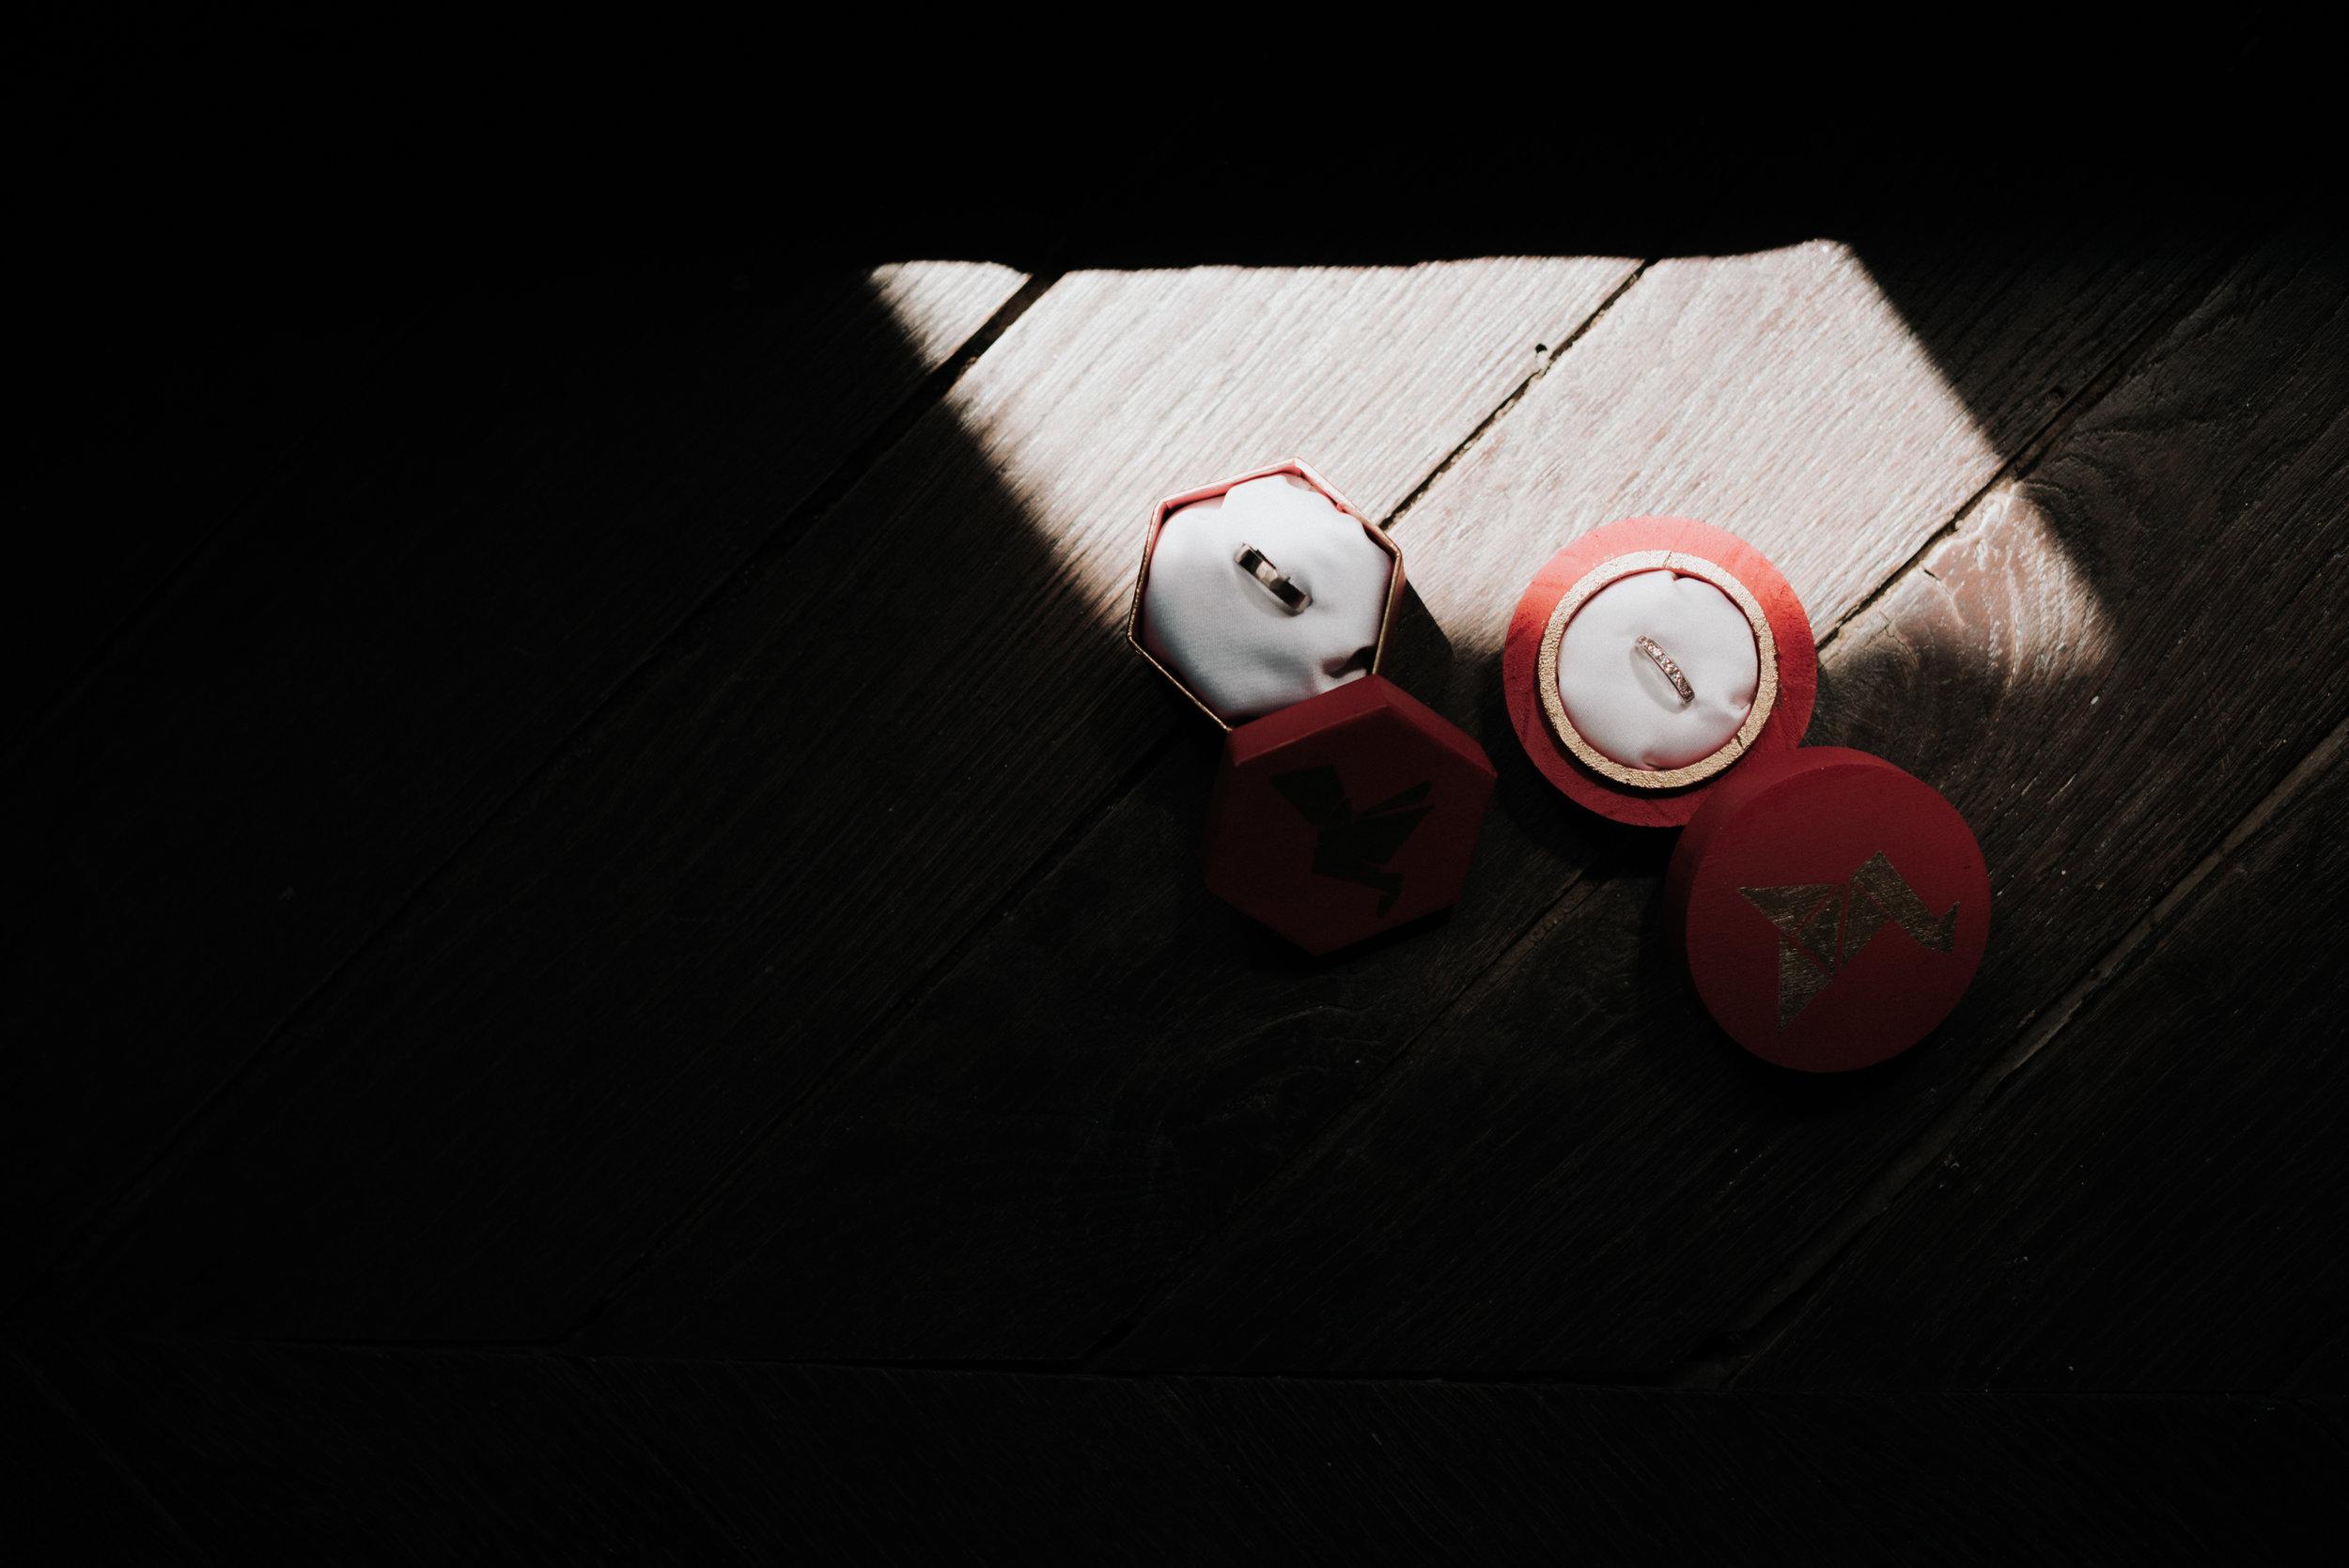 Léa-Fery-photographe-professionnel-lyon-rhone-alpes-portrait-creation-mariage-evenement-evenementiel-famille-4849 (2).jpg